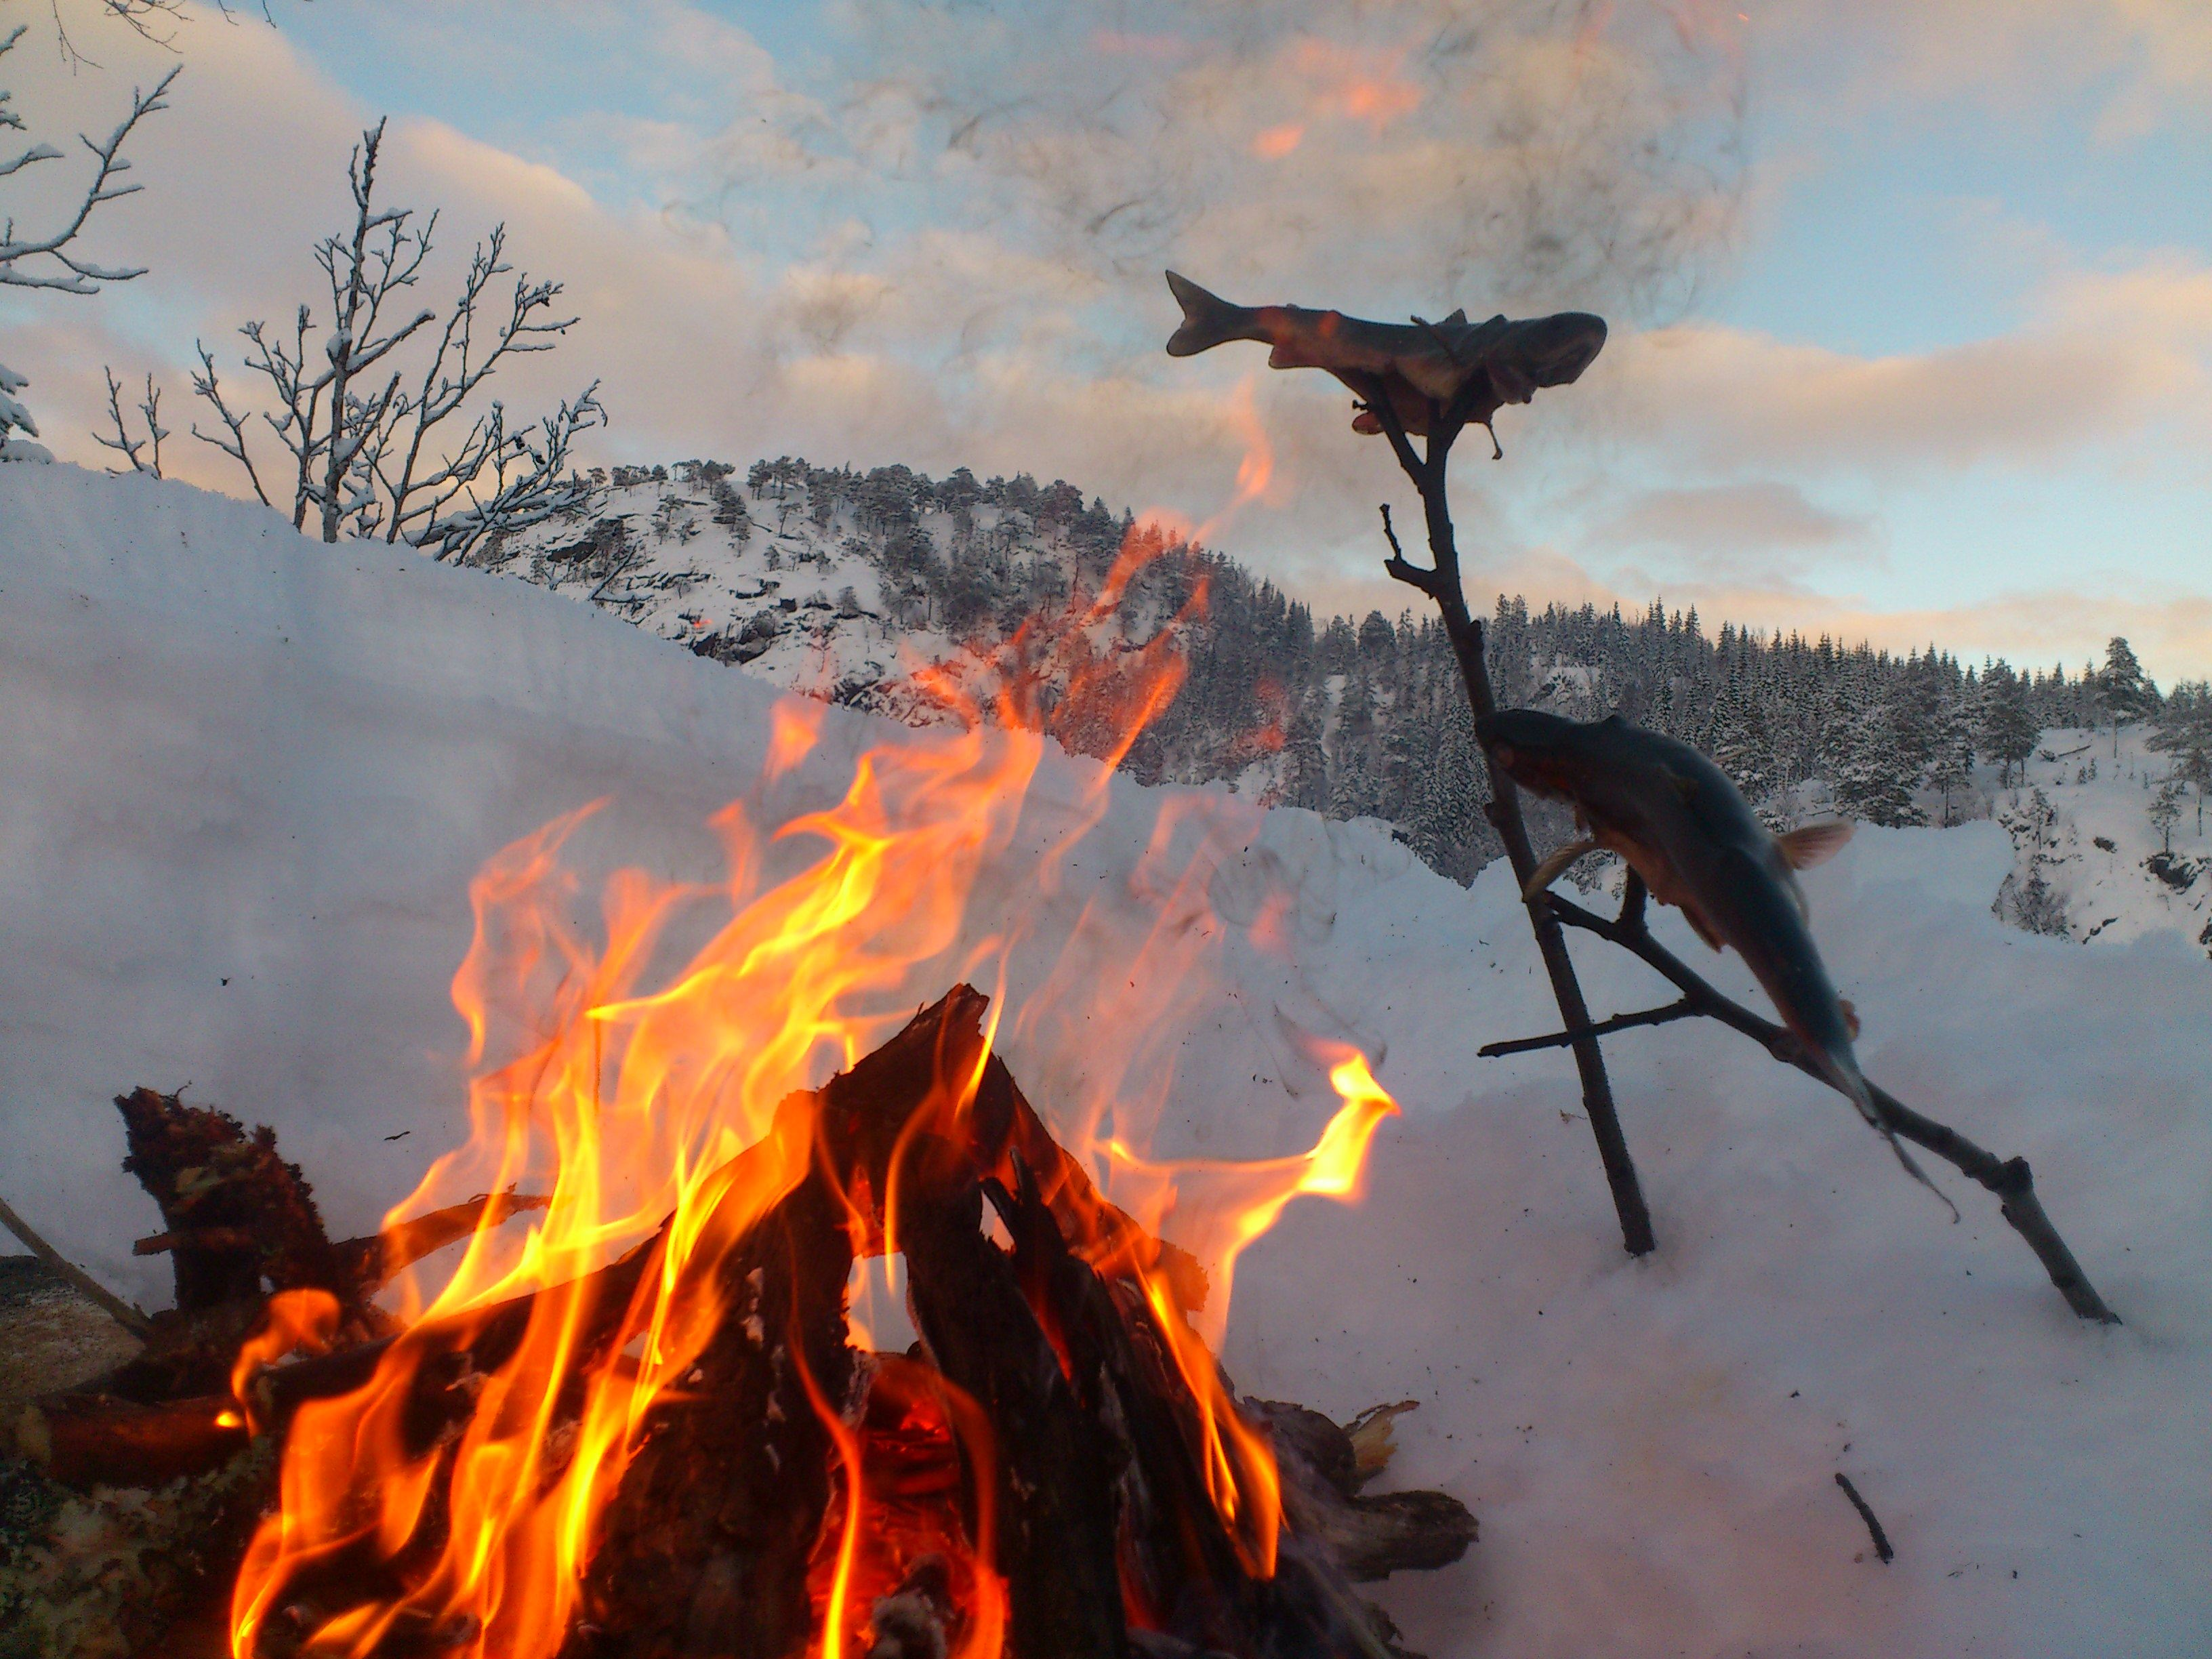 Plahte Eiendommer, Bålstemning, grilling av fisk